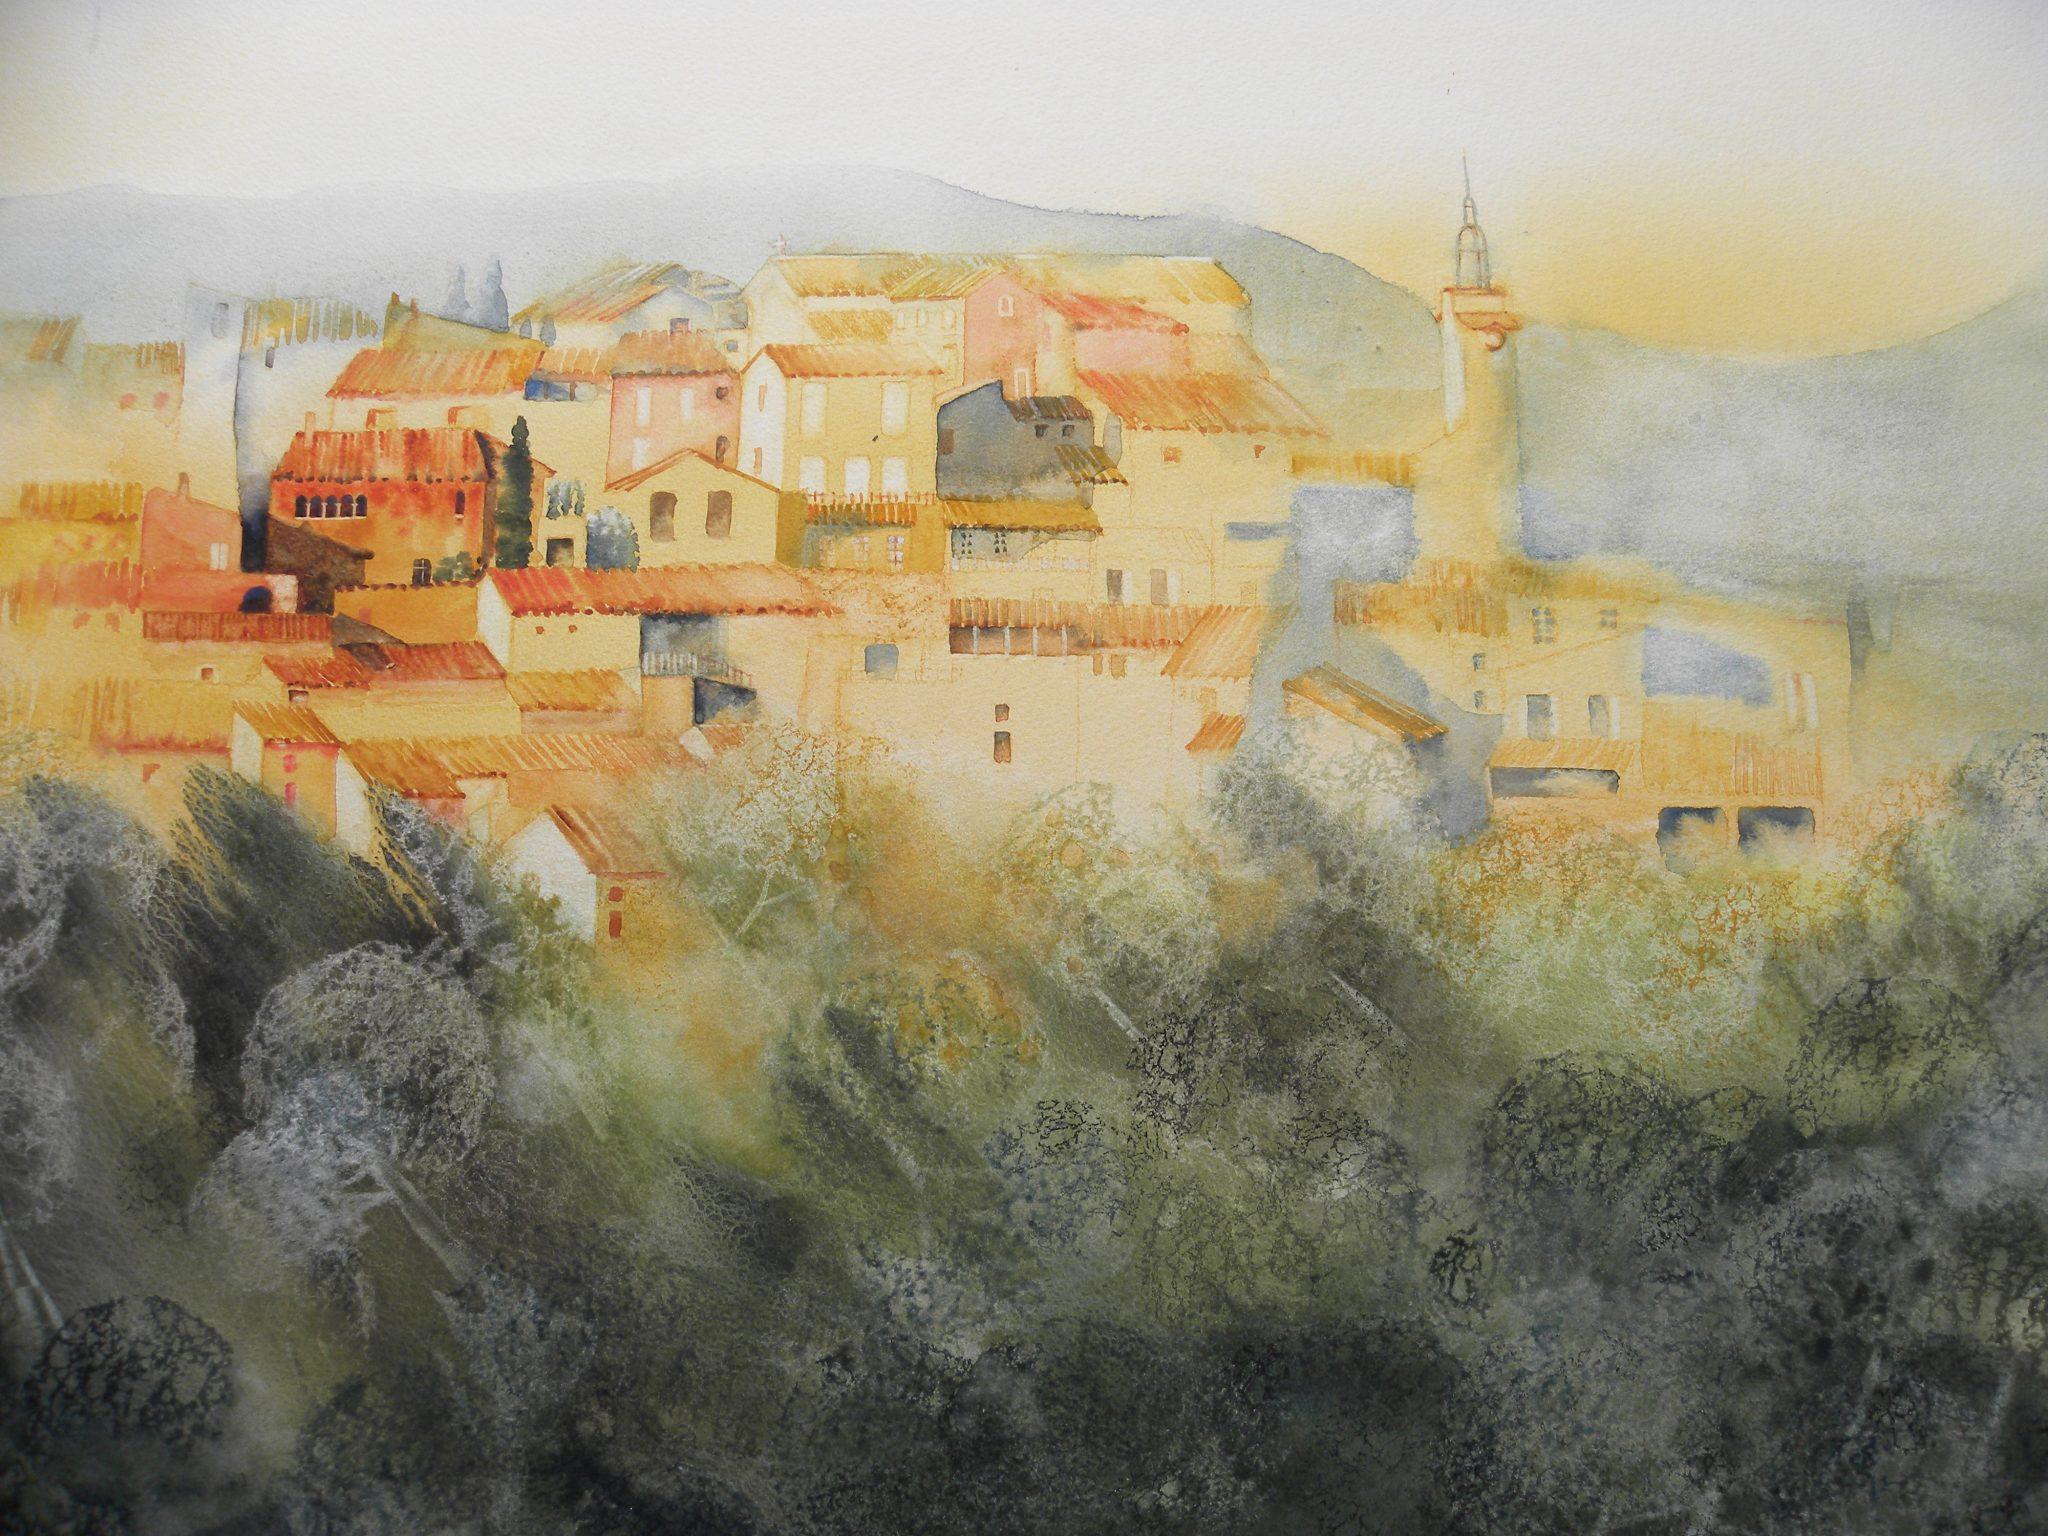 Roussillon dans son écrin sylvestre - 60x80cm